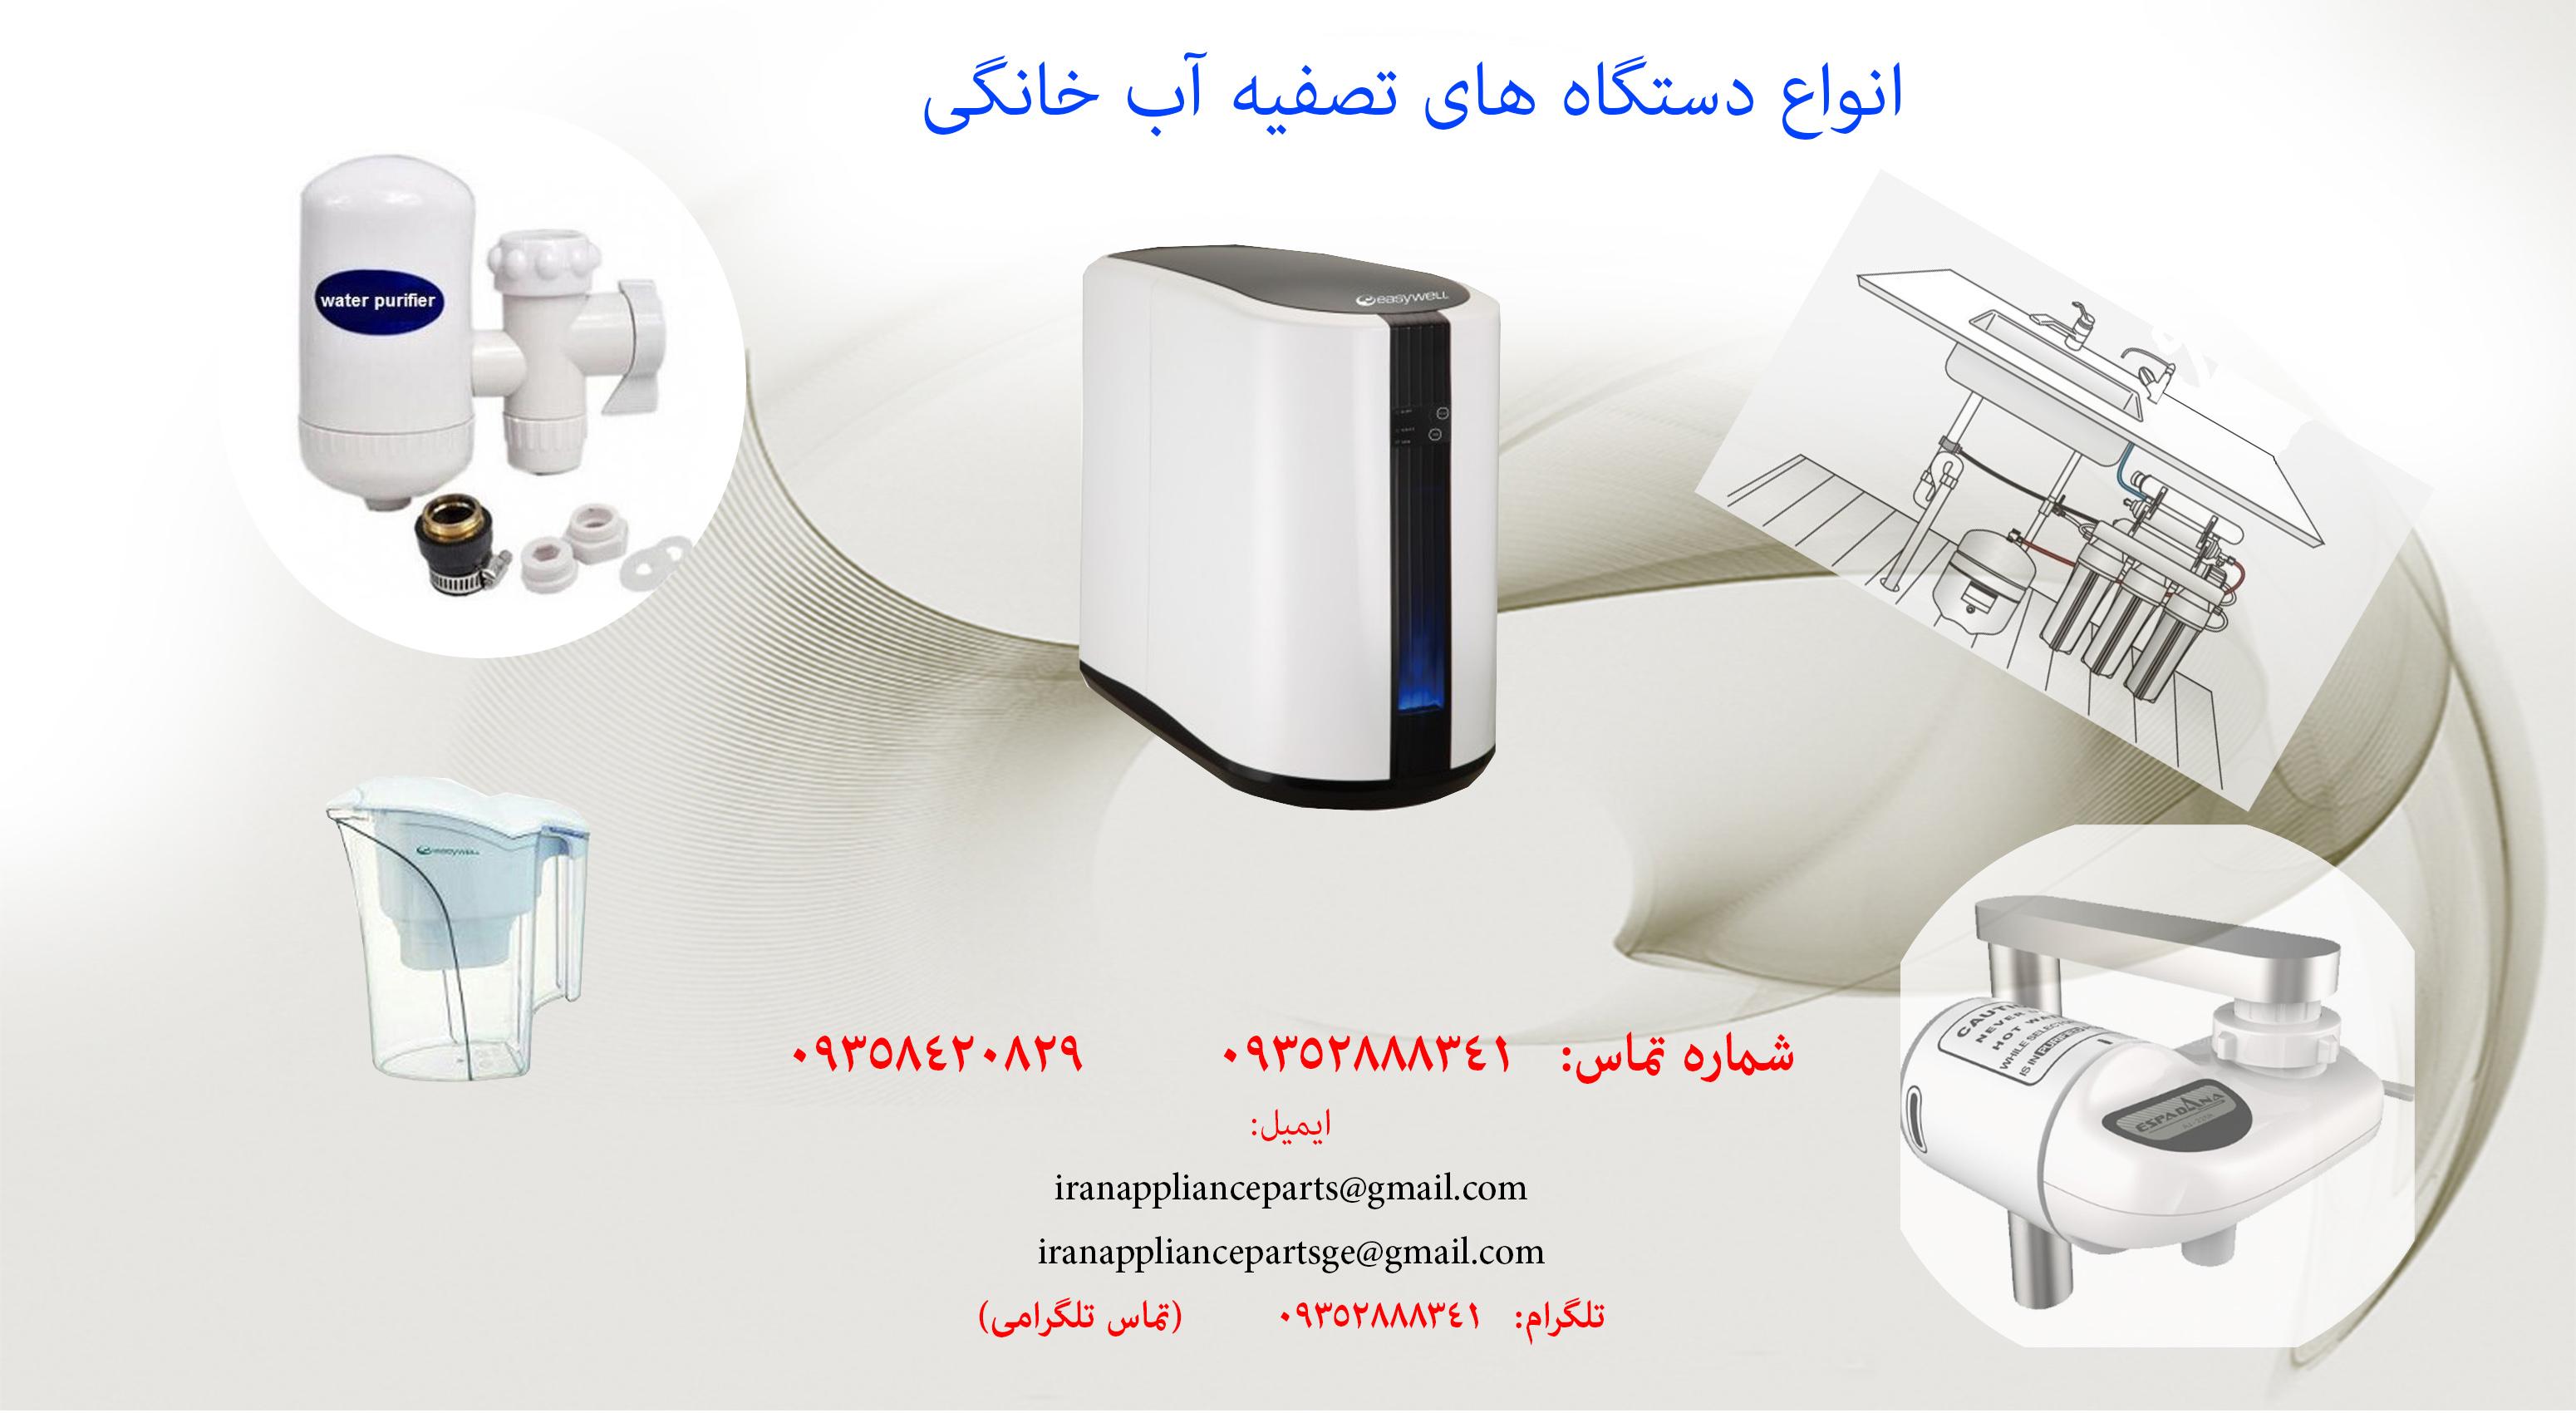 دستگاه های تصفیه آب 6 مرحله خانگی دستگاه تصفیه آب کیسی دستگاه تصفیه آب سرشیری